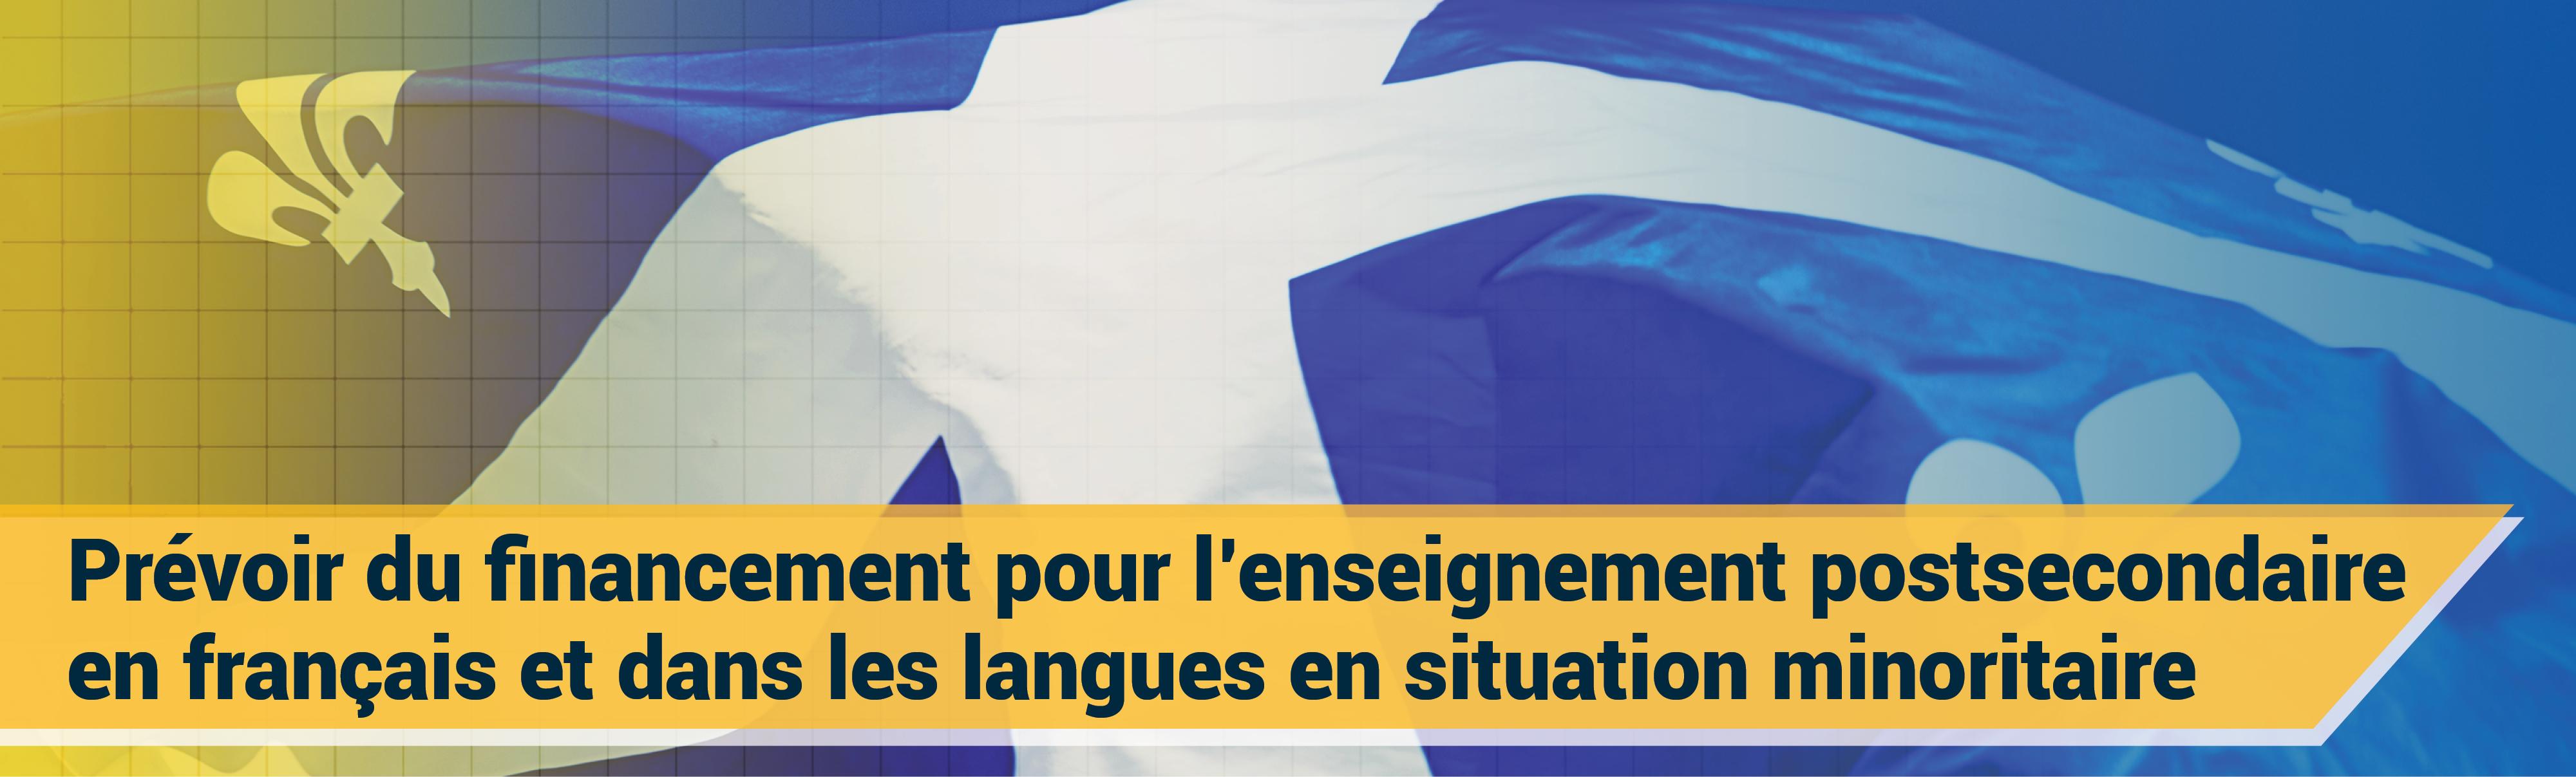 Prévoir du financement pour l'enseignement postsecondaire en français et dans les langues en situation minoritaire